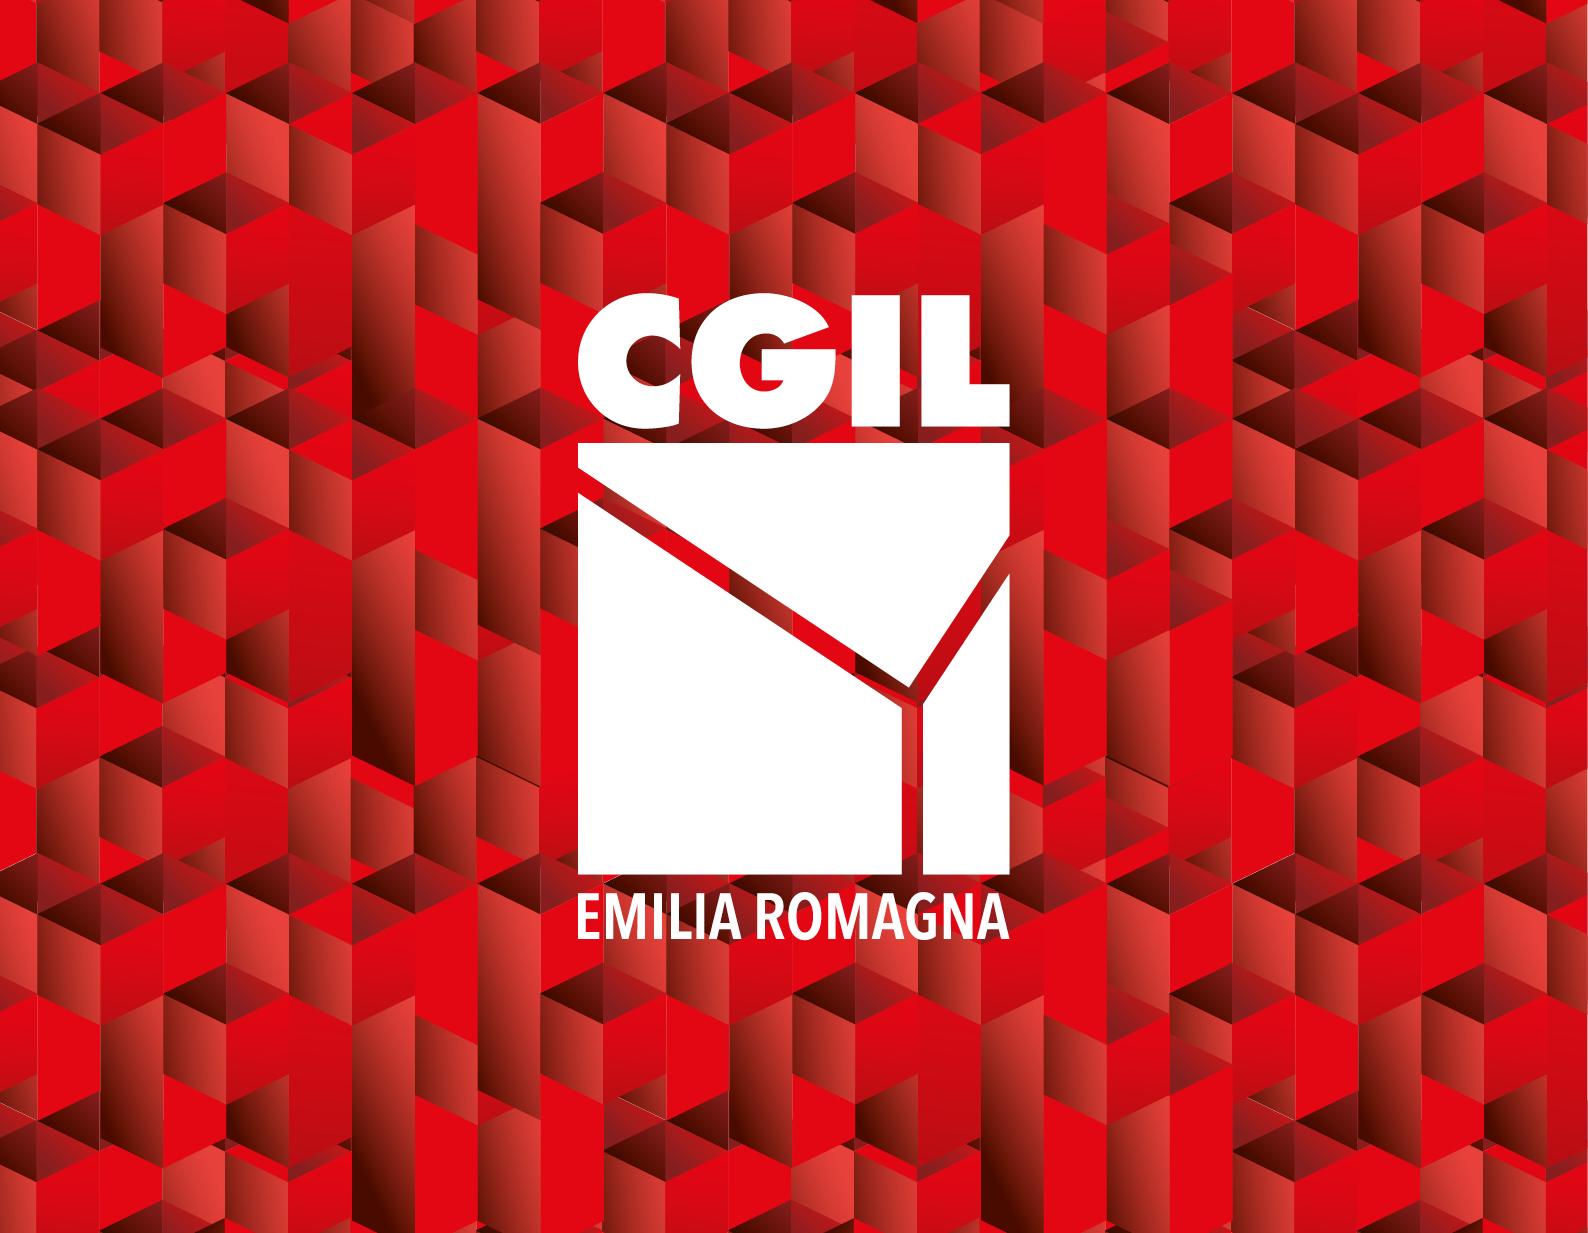 CGIL Emilia-Romagna Redesign Agenzia Comunicazione Bologna